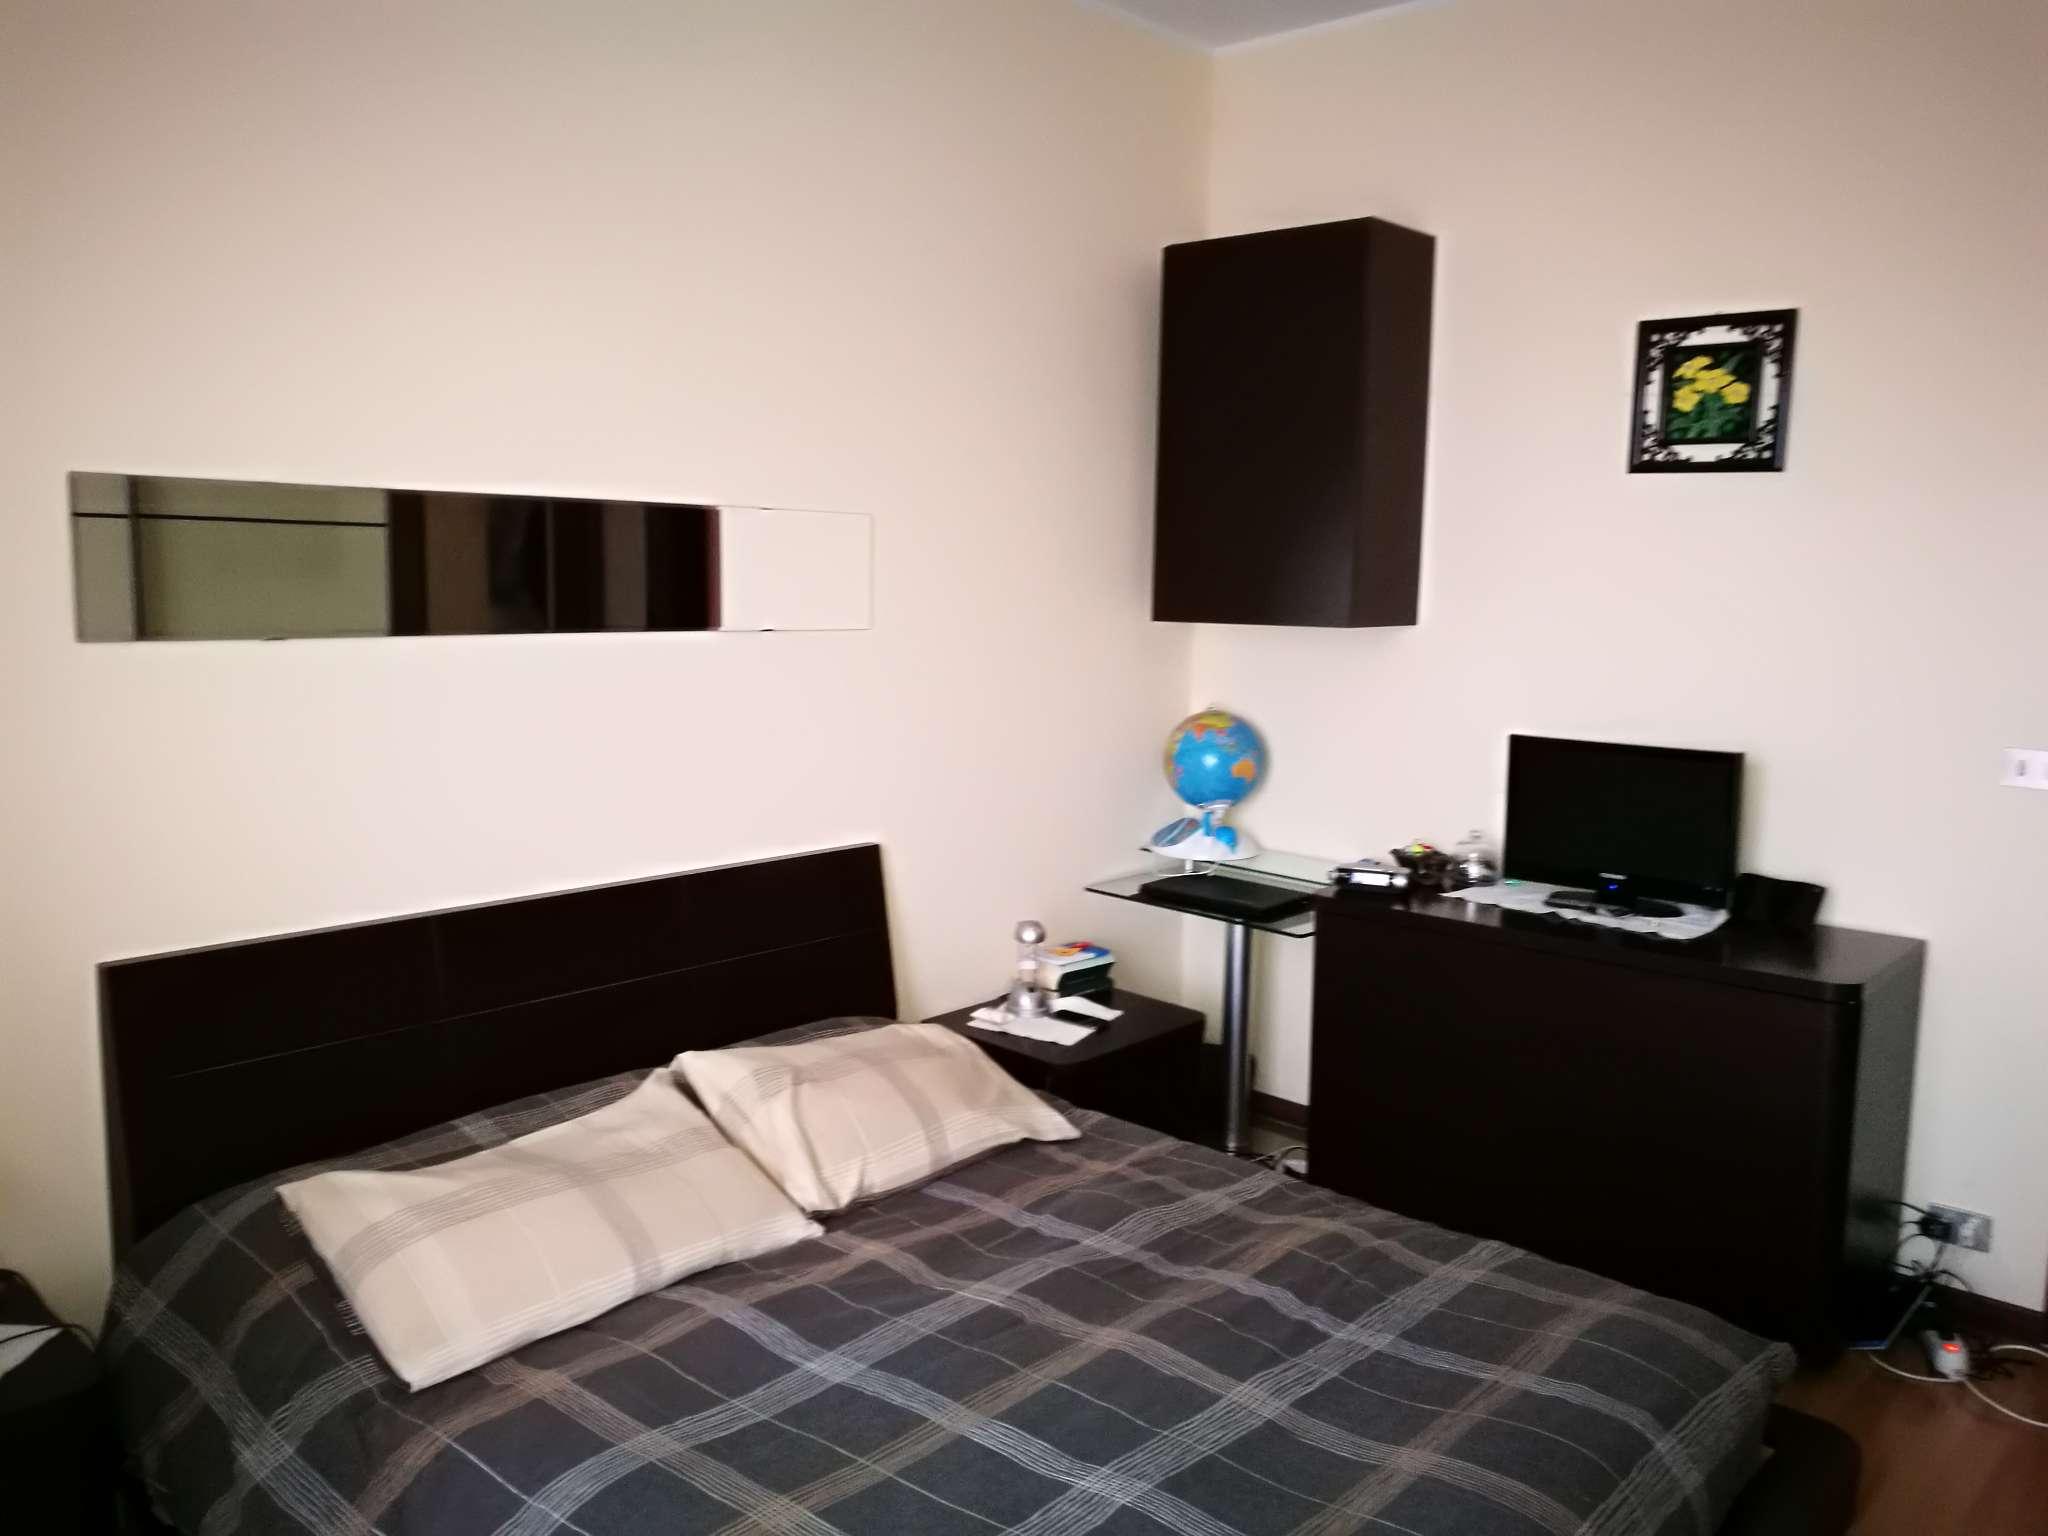 Appartamento in vendita a Nichelino, 2 locali, prezzo € 65.000 | PortaleAgenzieImmobiliari.it